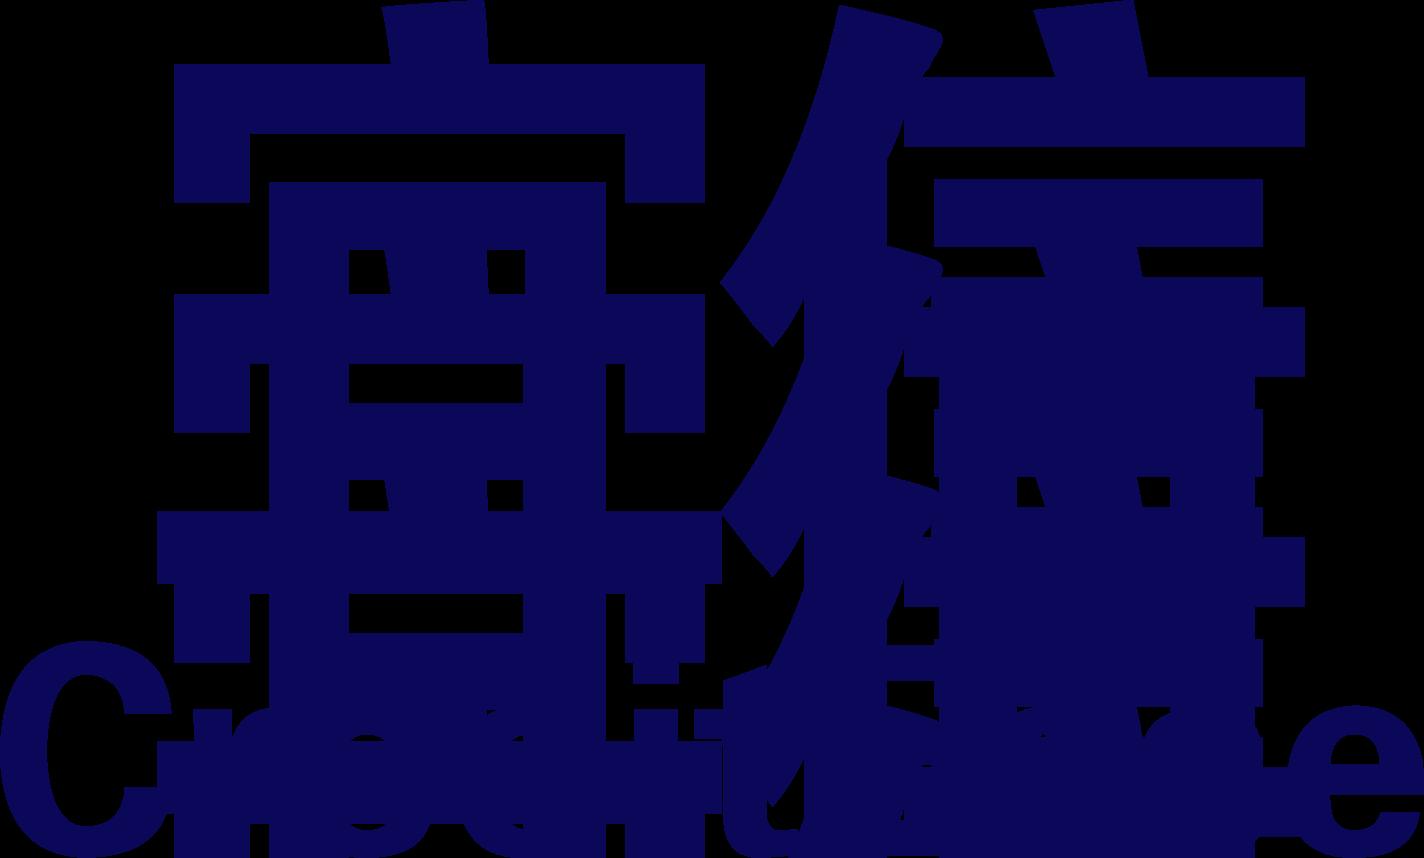 宜信信贷资产管理部年会